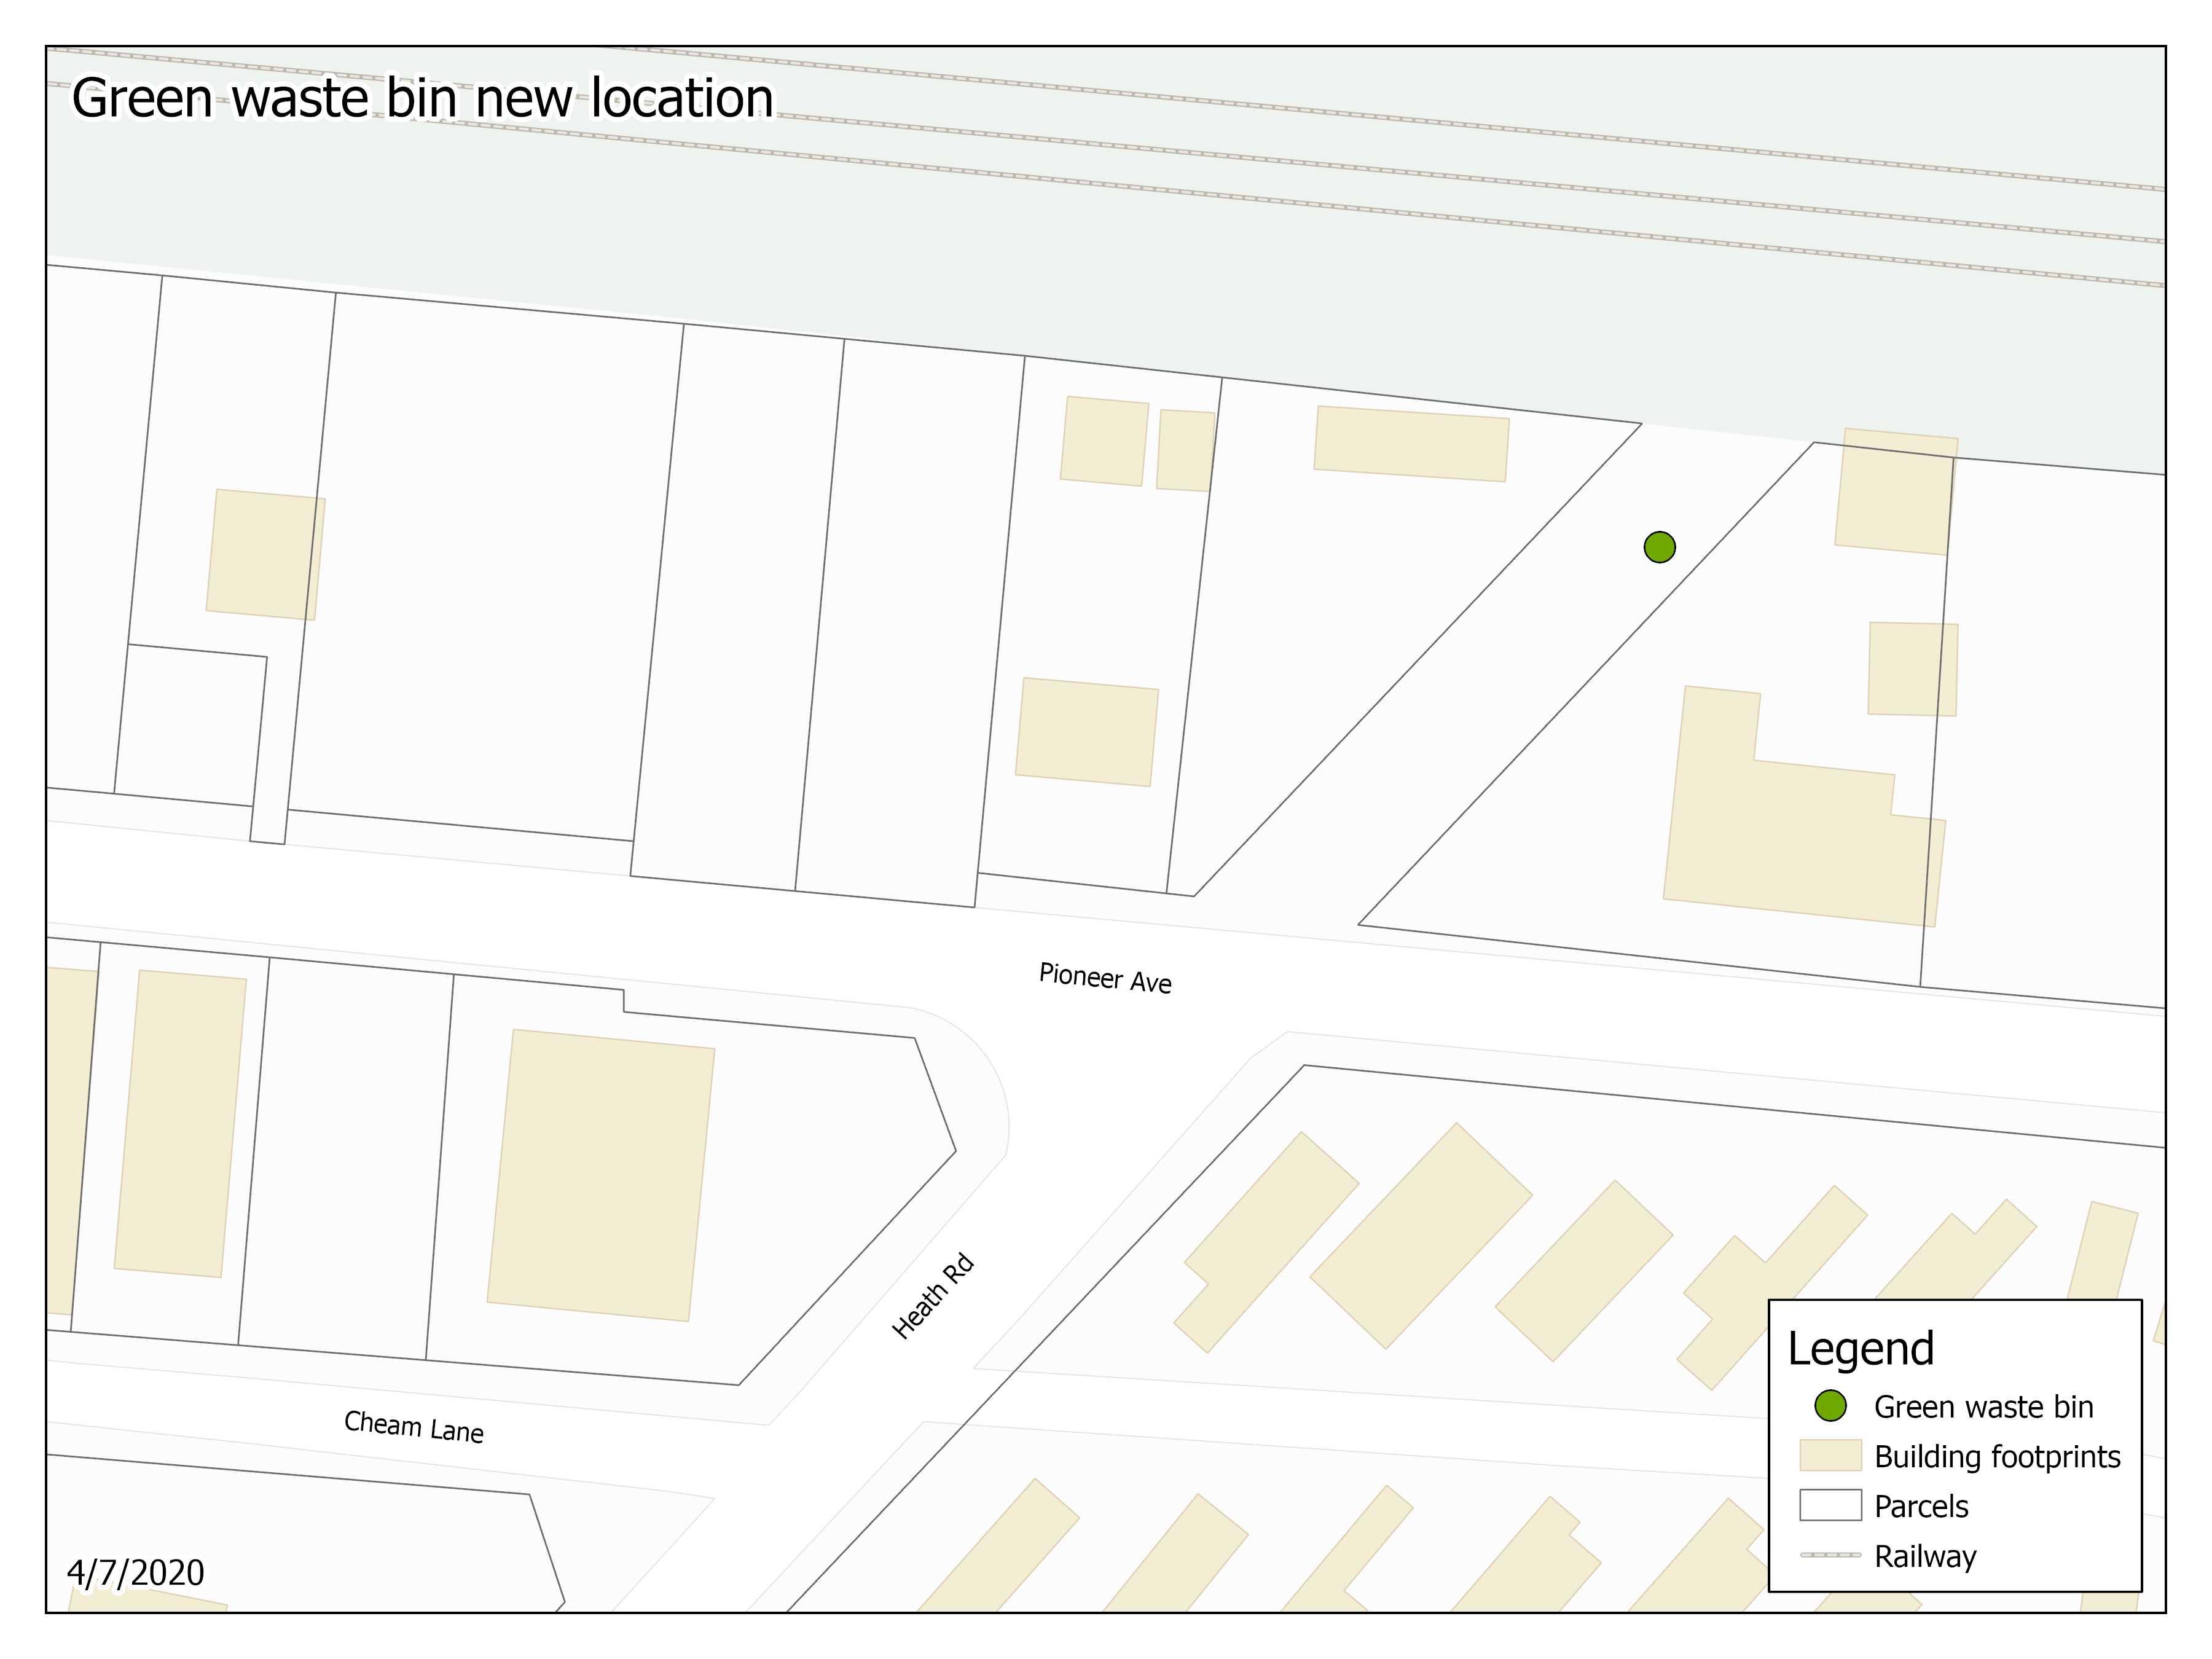 Green waste bin location map